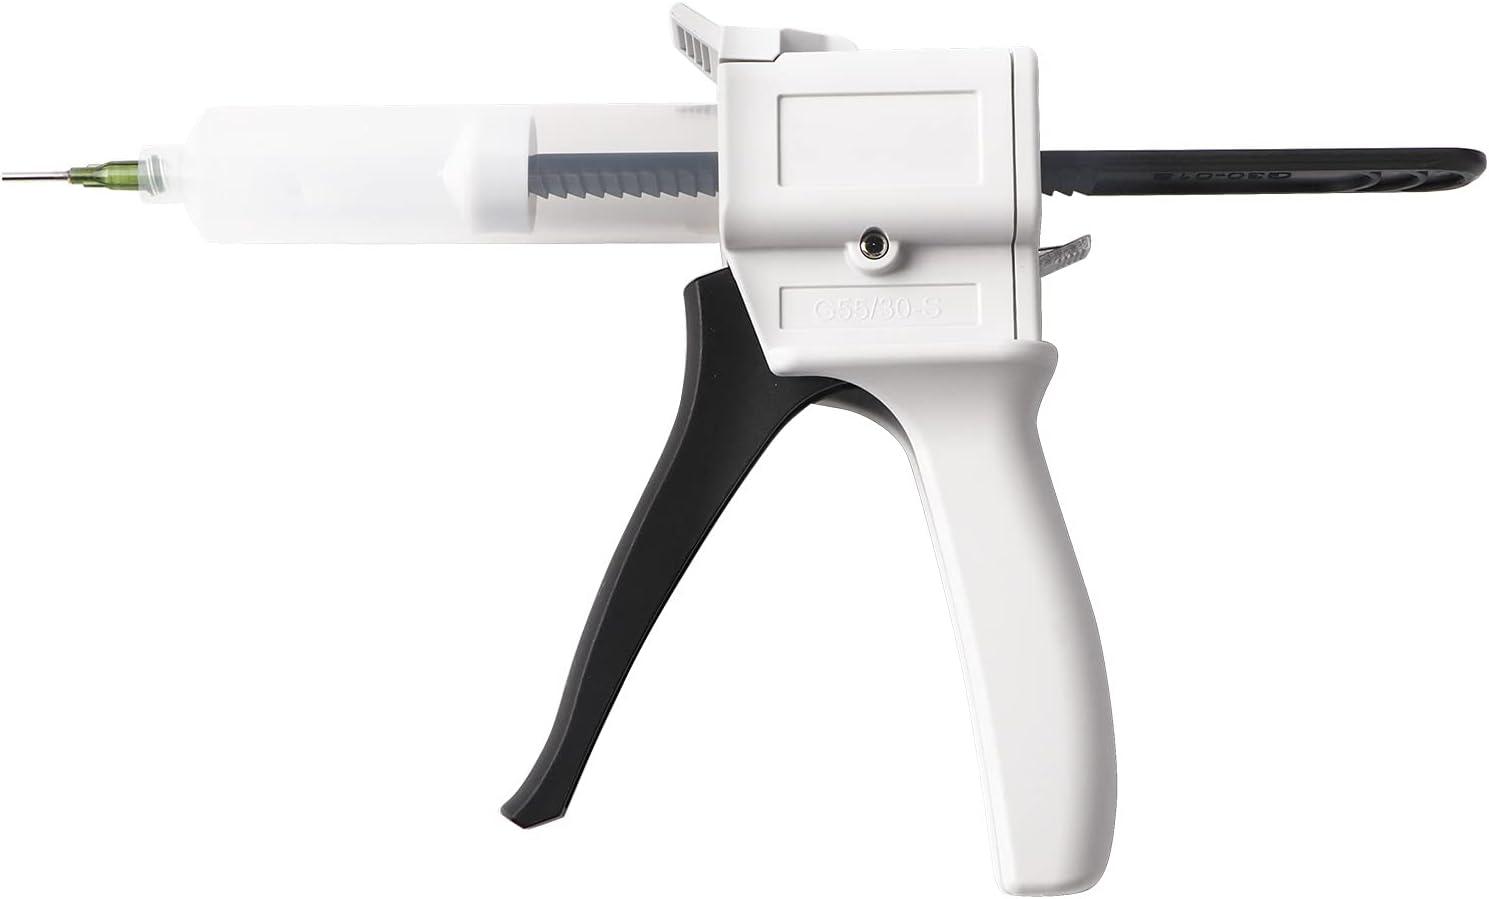 Dispenser Under blast sales Gun Kit,30ml Glue Max 70% OFF Plastic Manual Si